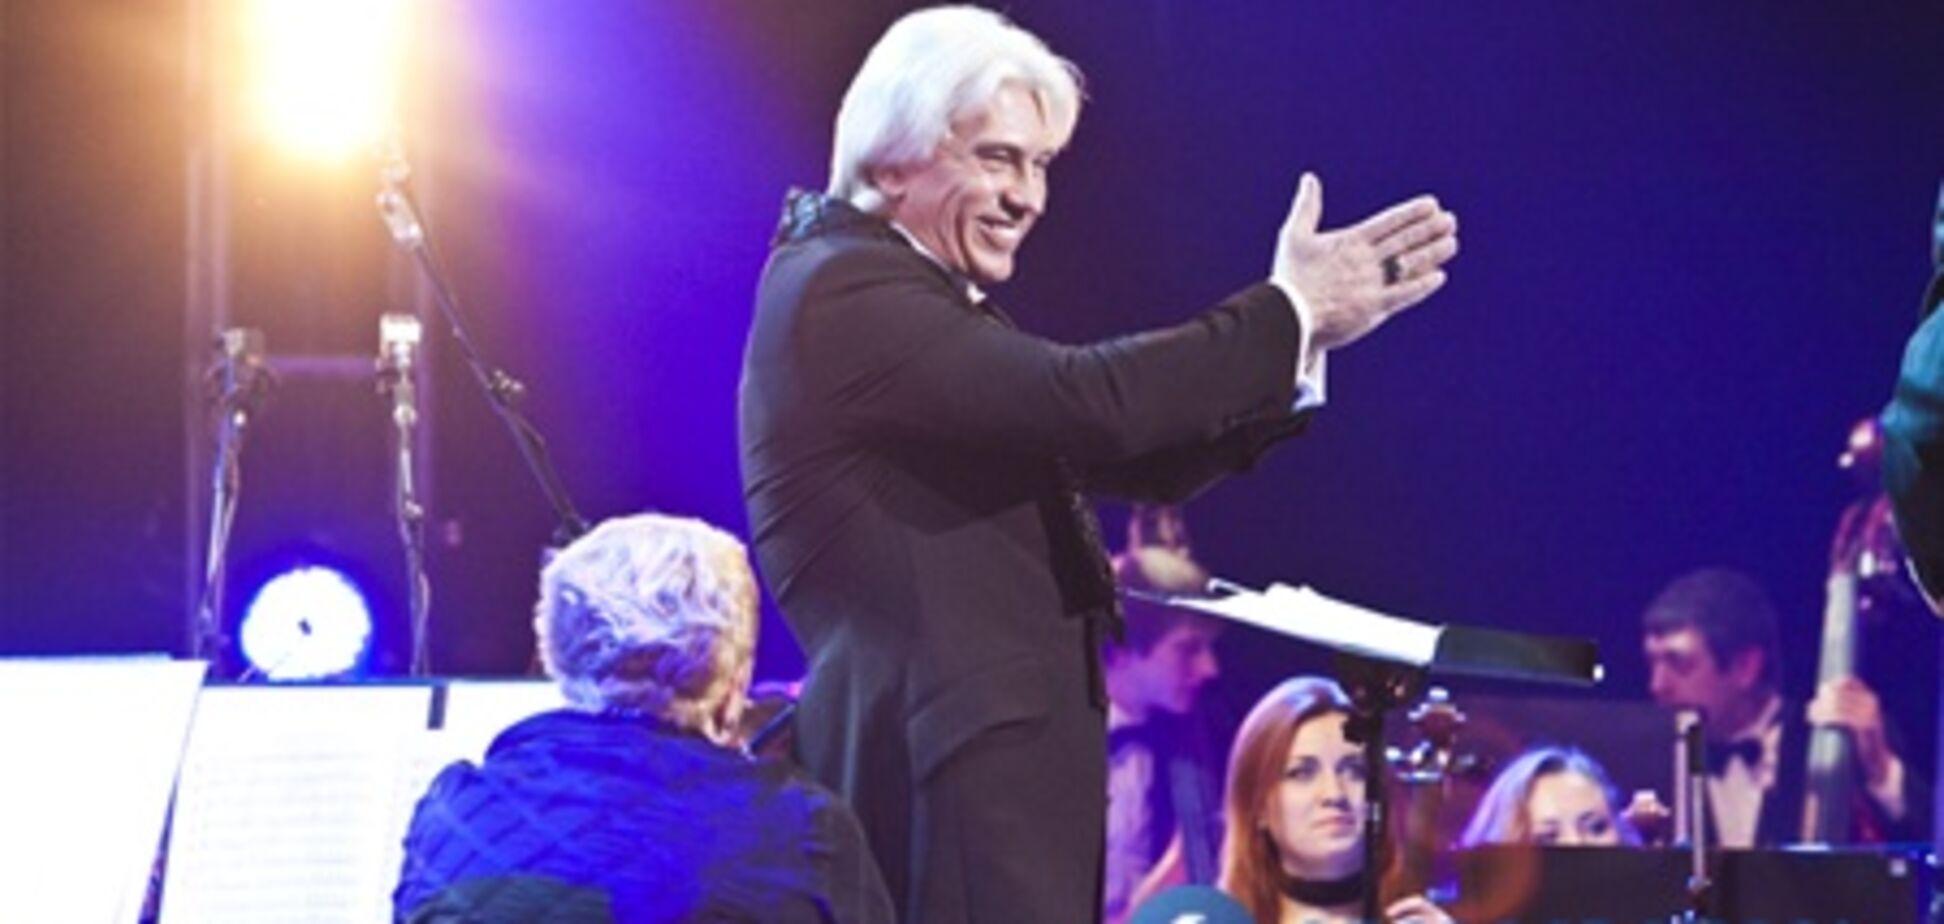 Хворостовский пел 'Очи черные' на концерте в Киеве. Фото. Видео